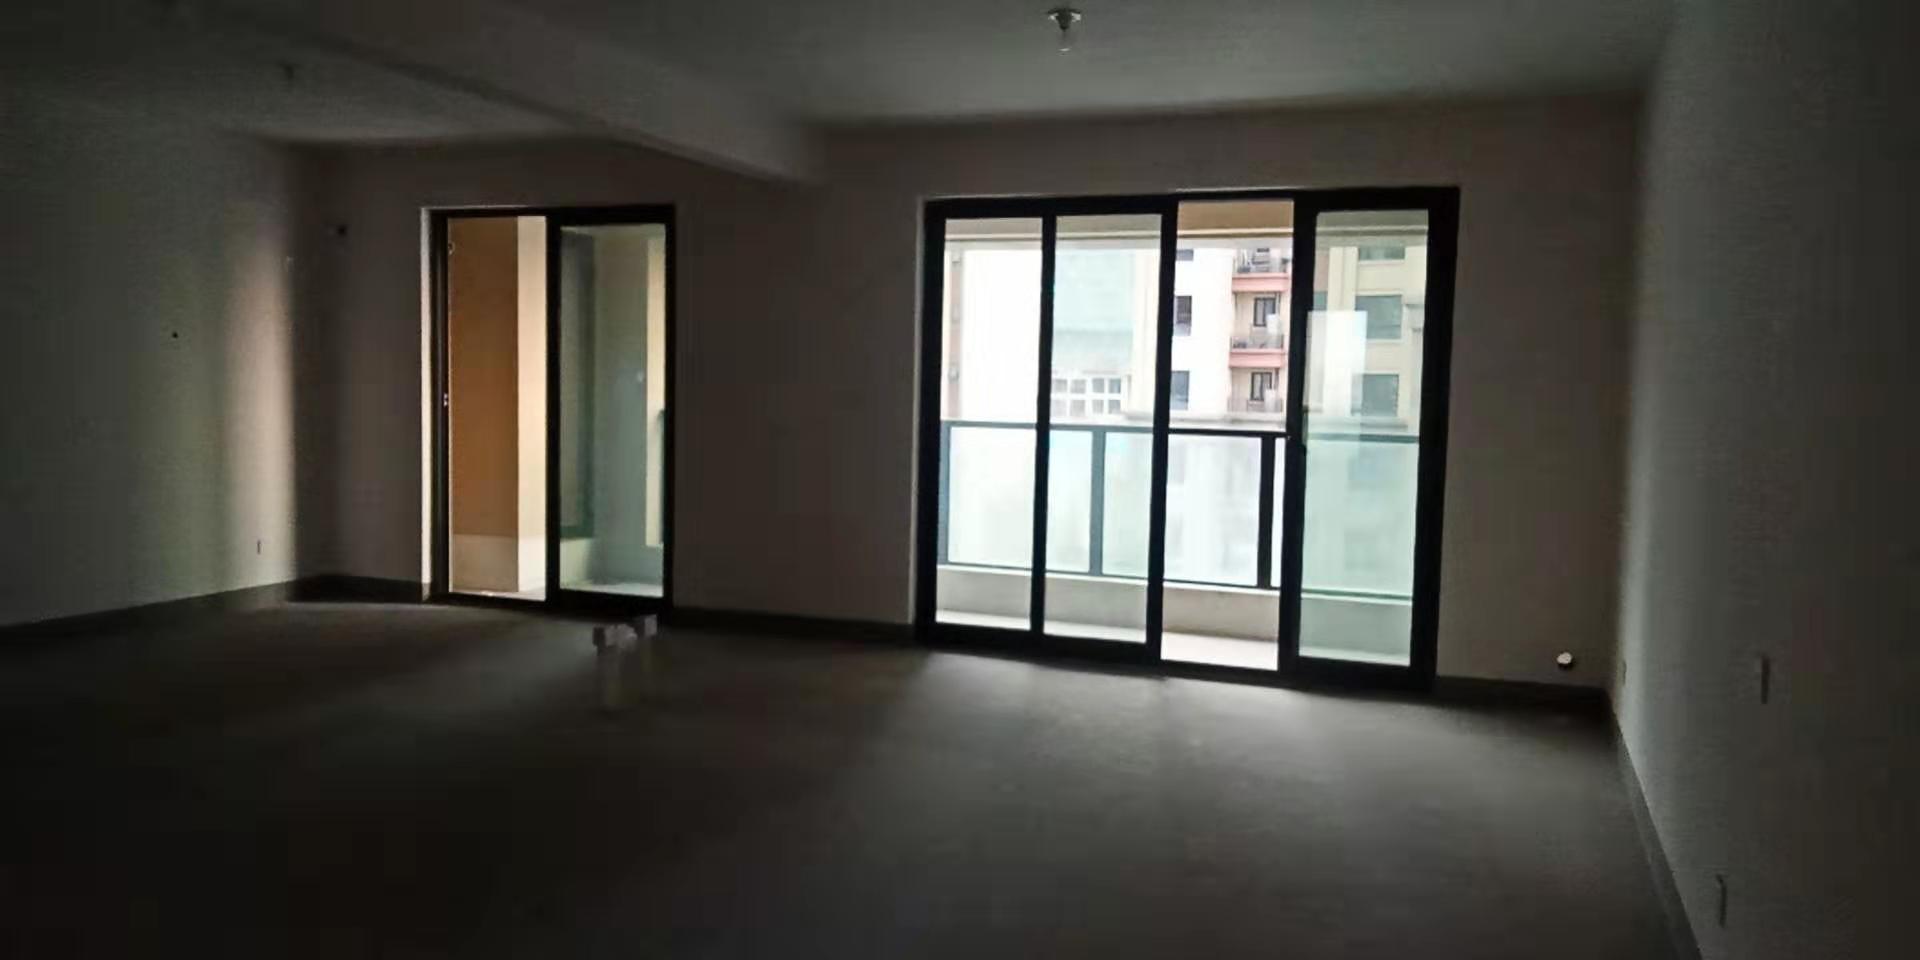 05311出售香悦半岛江景房(不是一号楼)4楼东边套阳光好,140.9平方,3室2厅2卫,毛坯,房产证已做,135万,各出各税